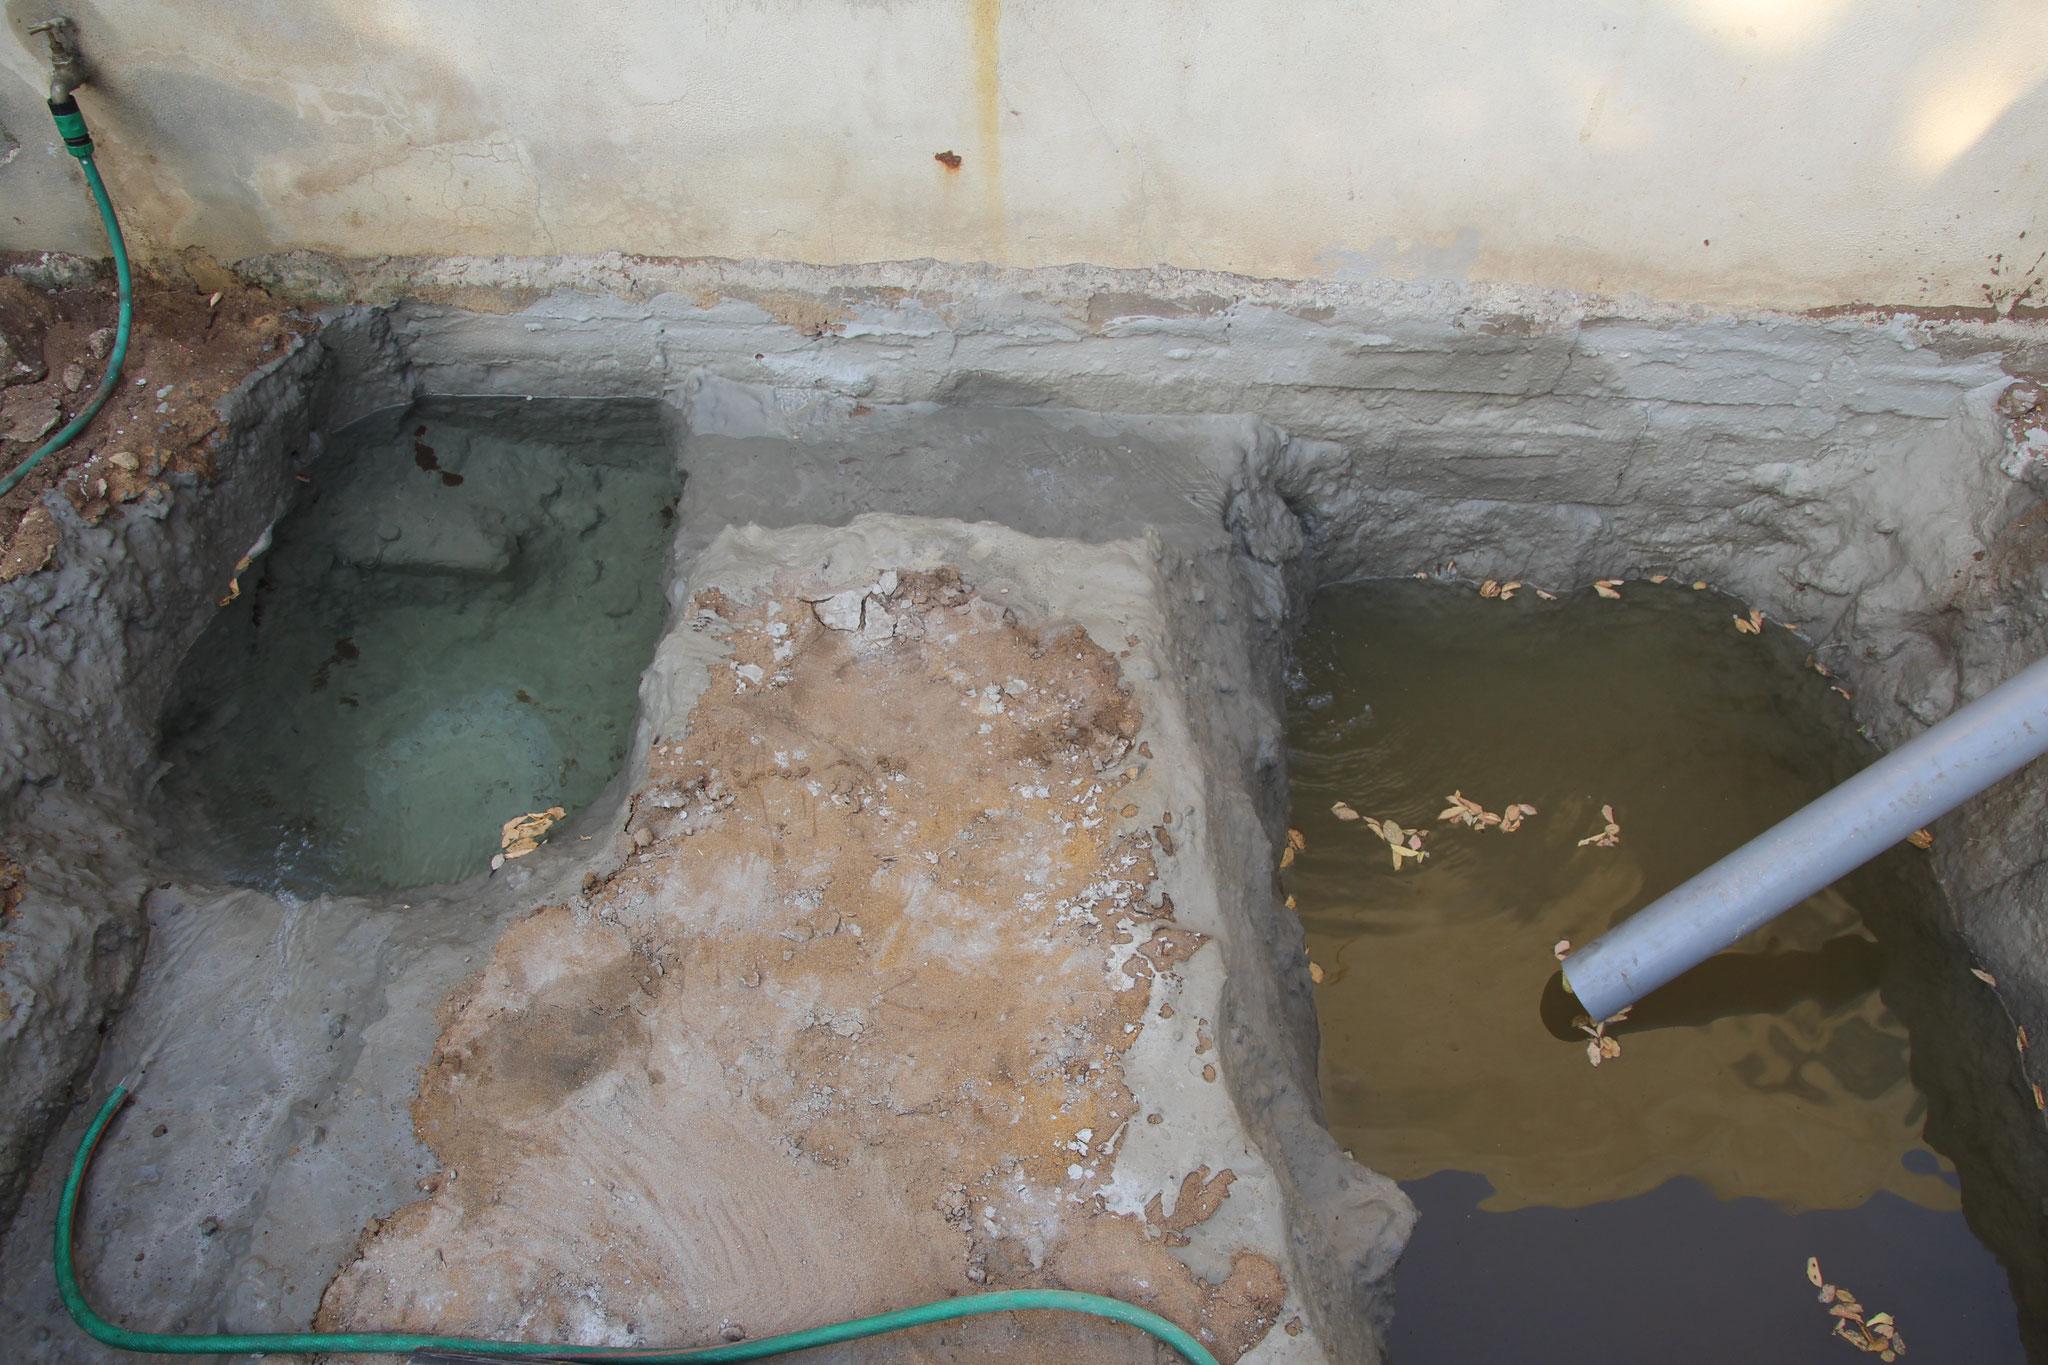 16.12.2016 Das kleine Becken wurde mit Wasser gefüllt  aus dem Brunnen das Grosse mit dem Rostwasser aus der Forage.